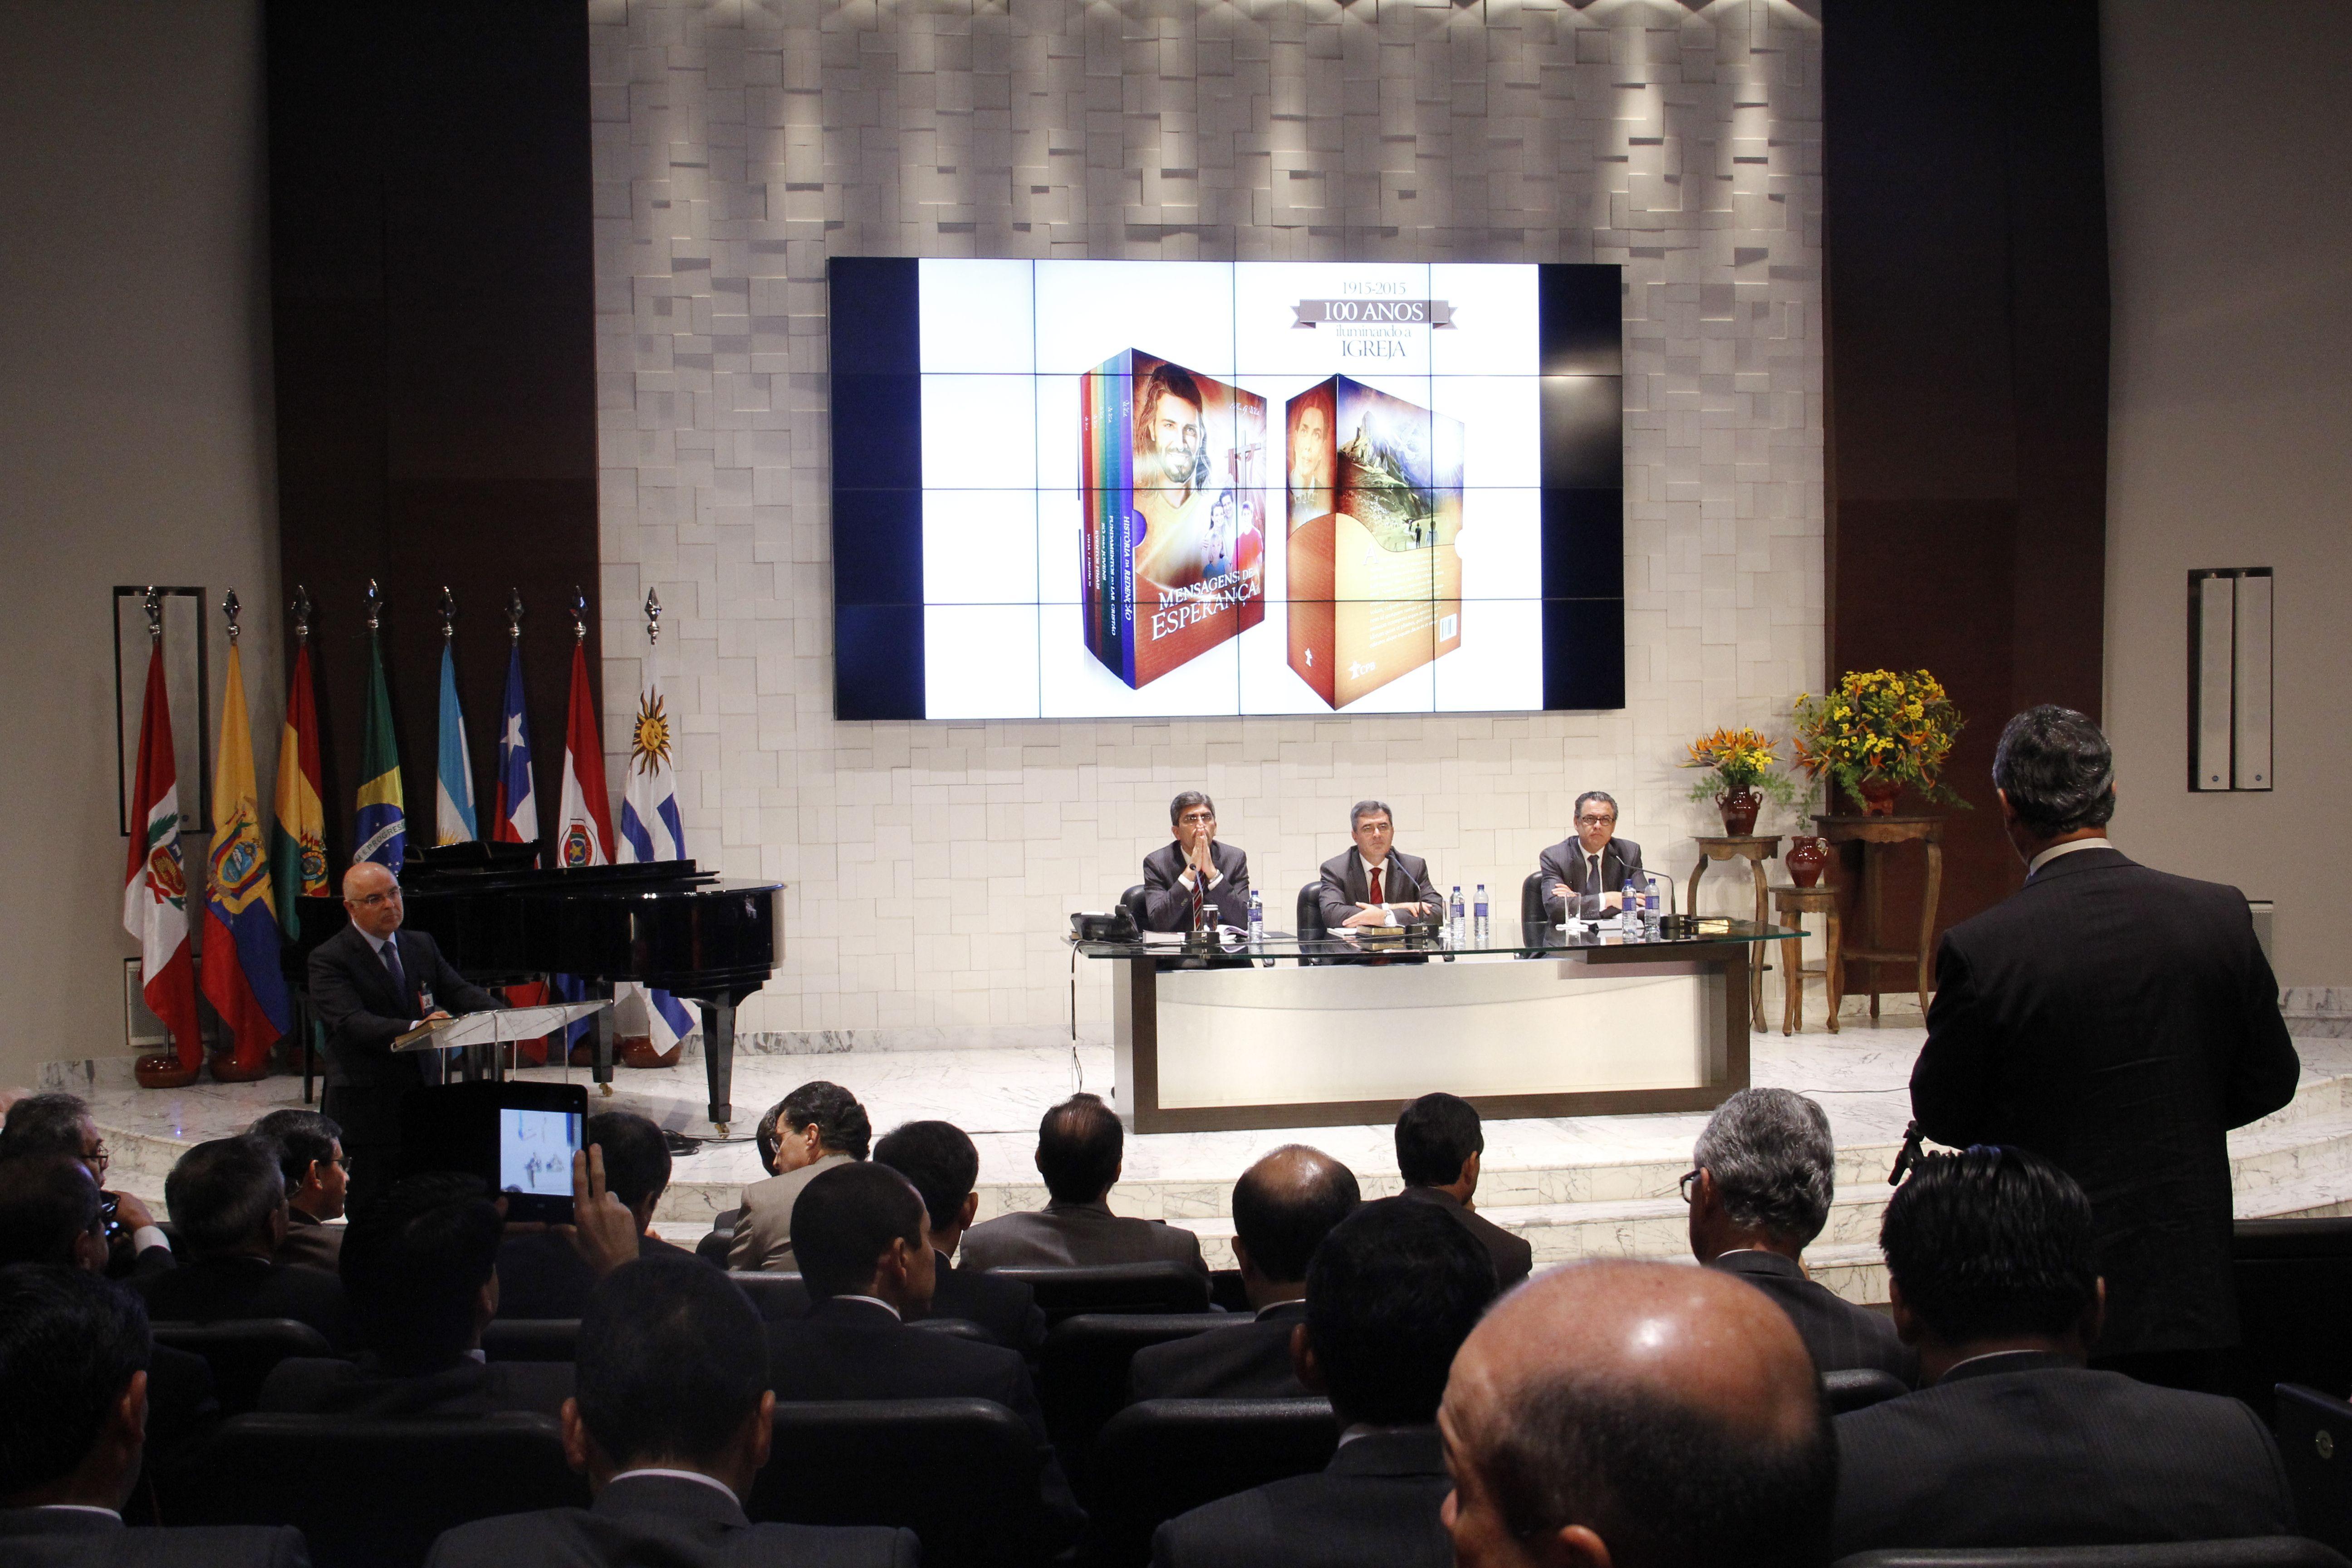 Lanzamiento fue hecho durante reuniones administrativas del liderazgo adventista para América del Sur.